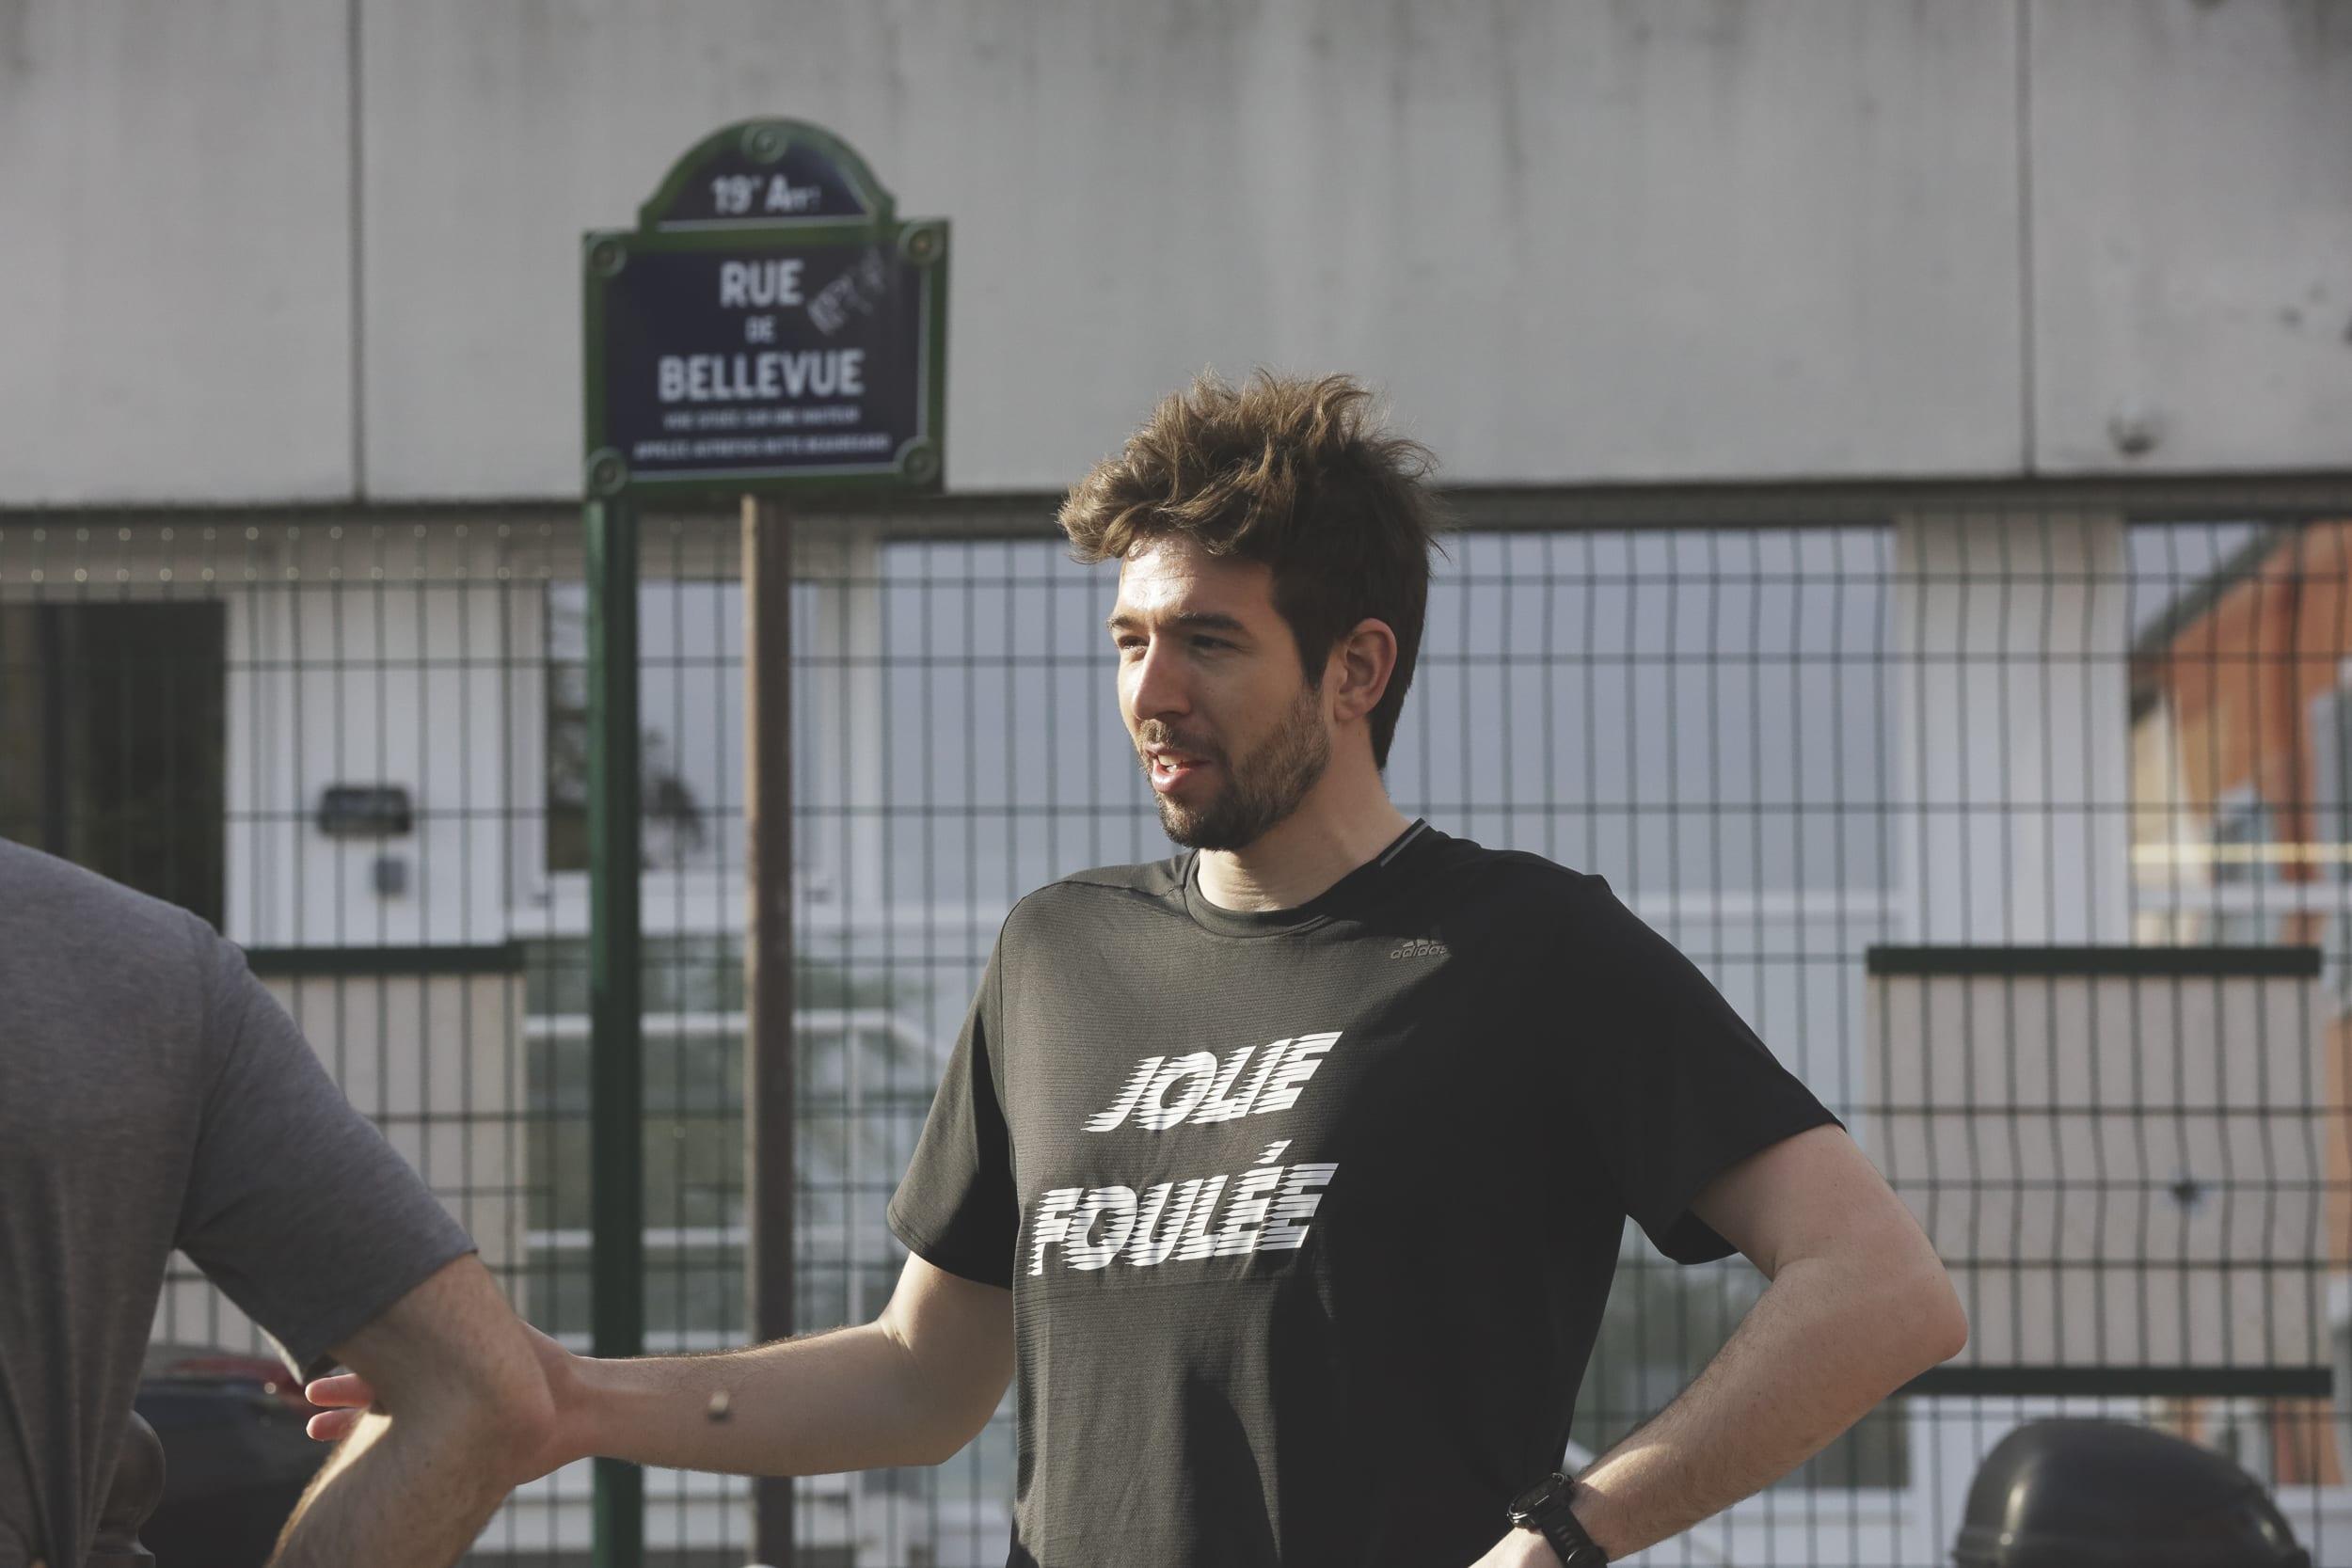 RallyeClub-JolieFoulee-37